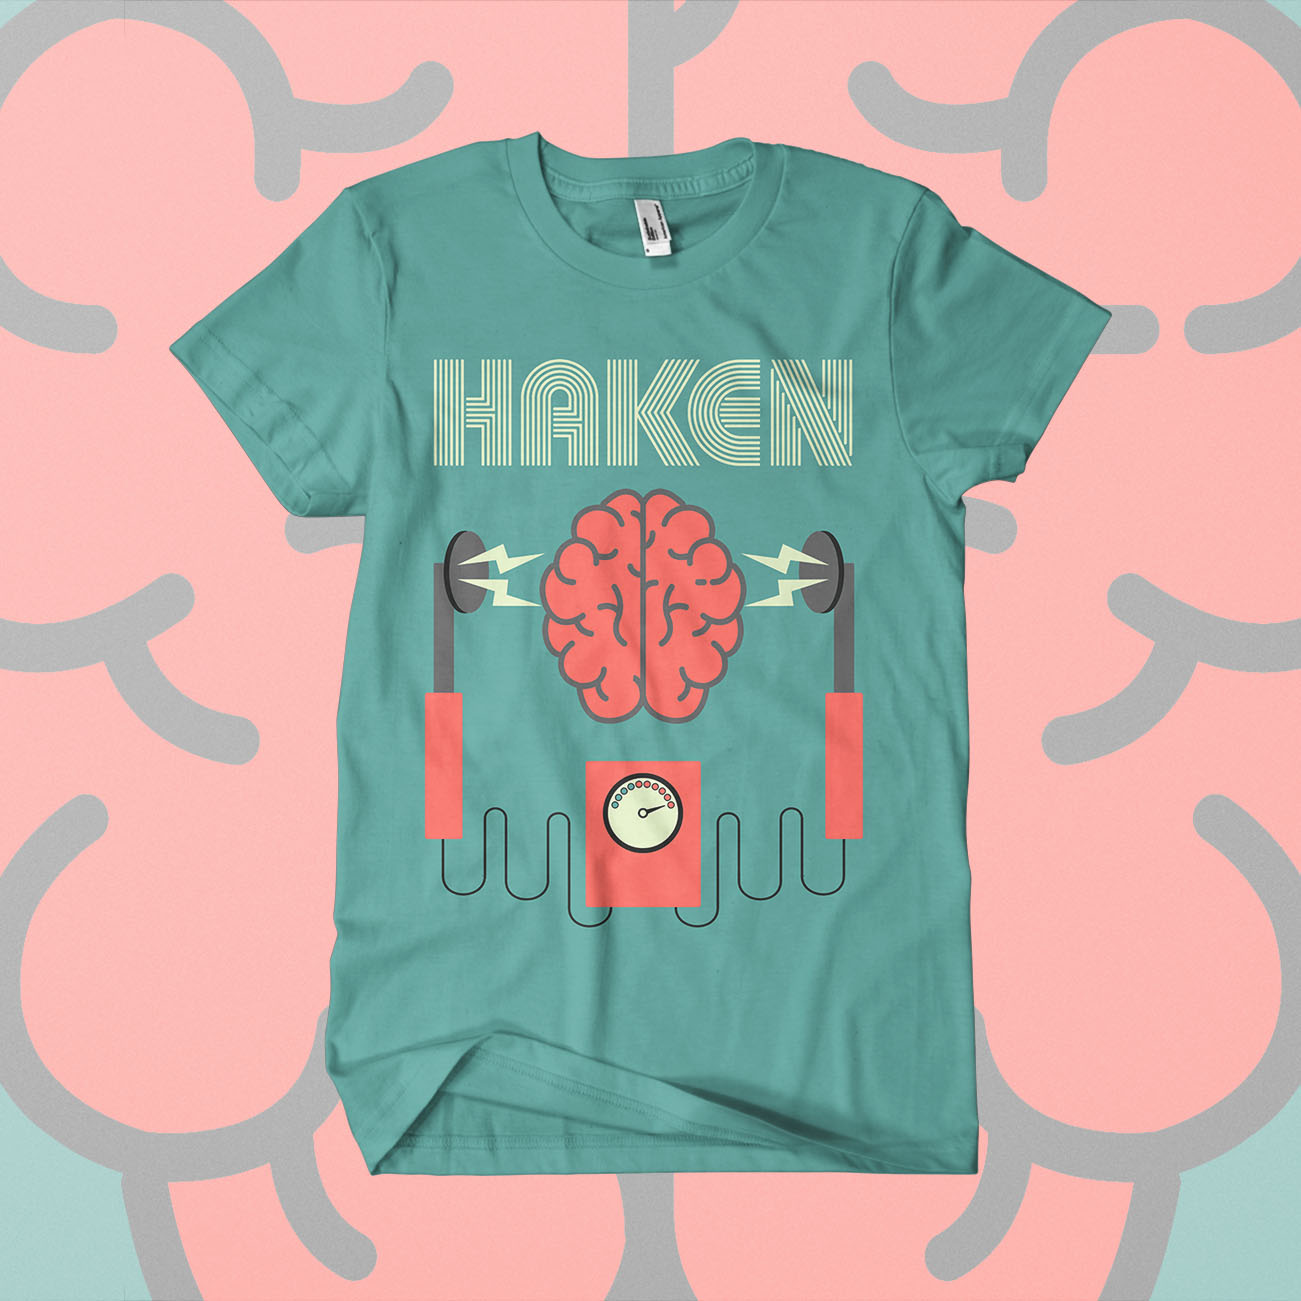 Haken - 'The Good Doctor' T-Shirt - Haken